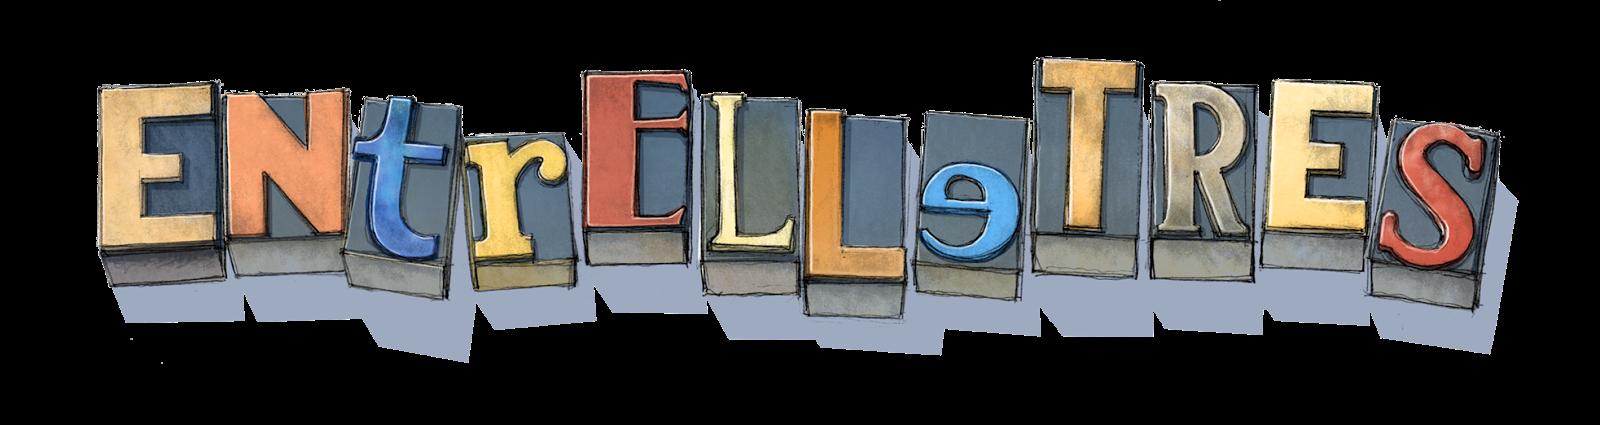 Entrelletres.cat - Blog de llibres i literatura.